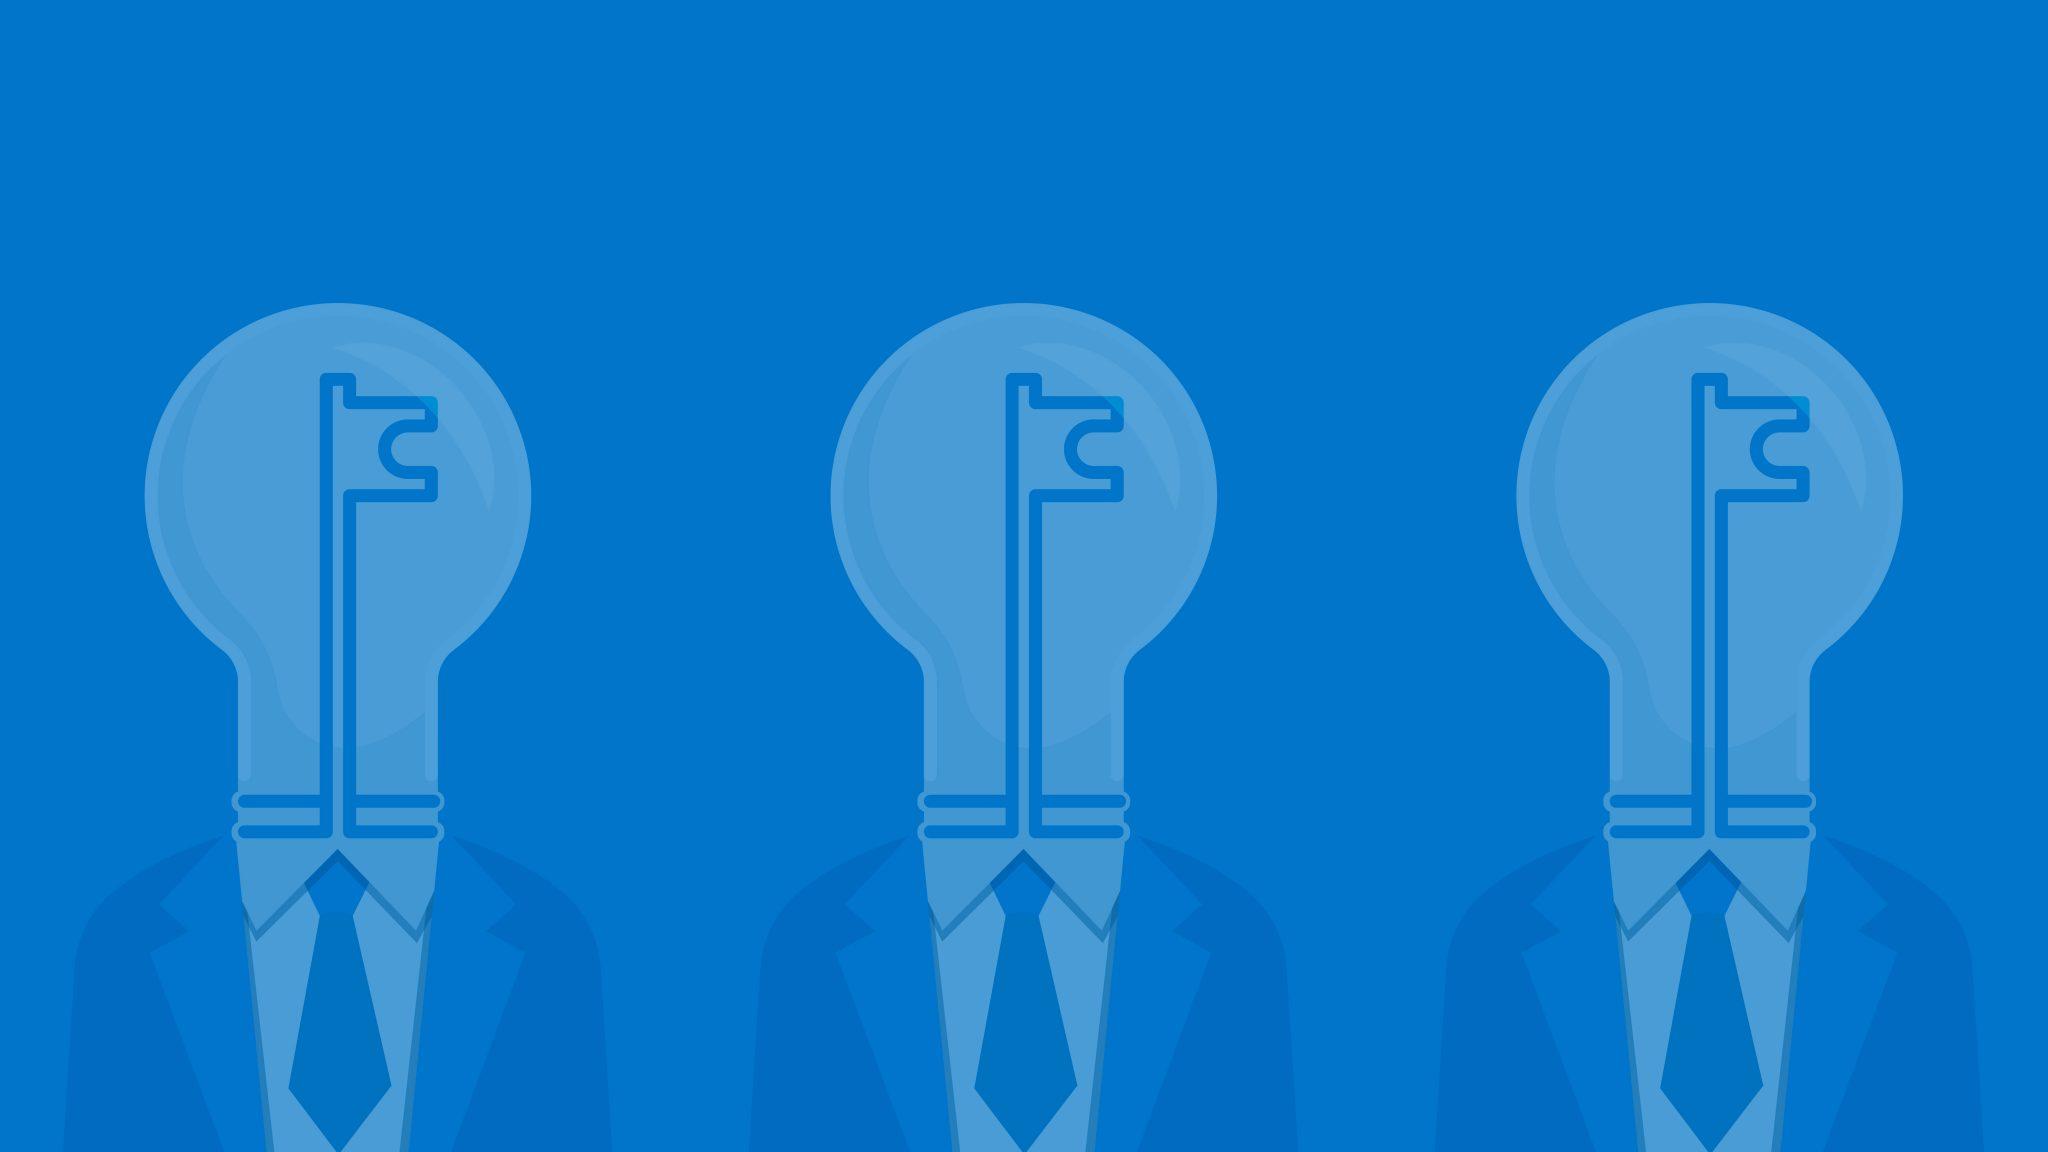 ¿Cómo conectar con personas claves para tu idea?